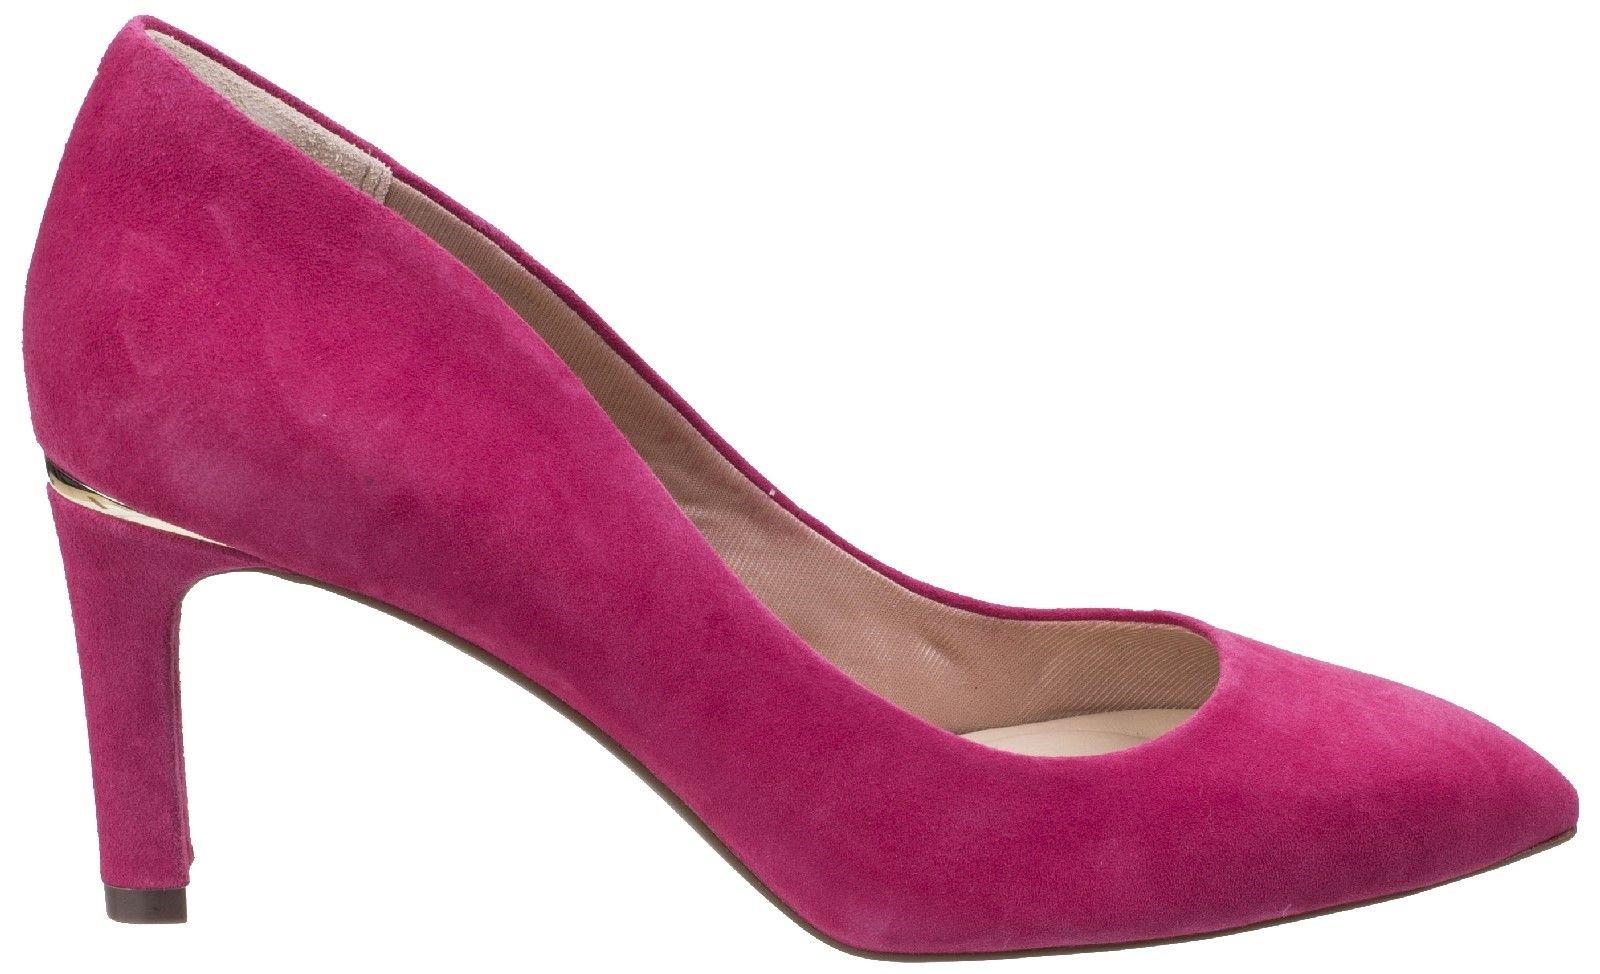 Valerie Luxe Heeled shoe